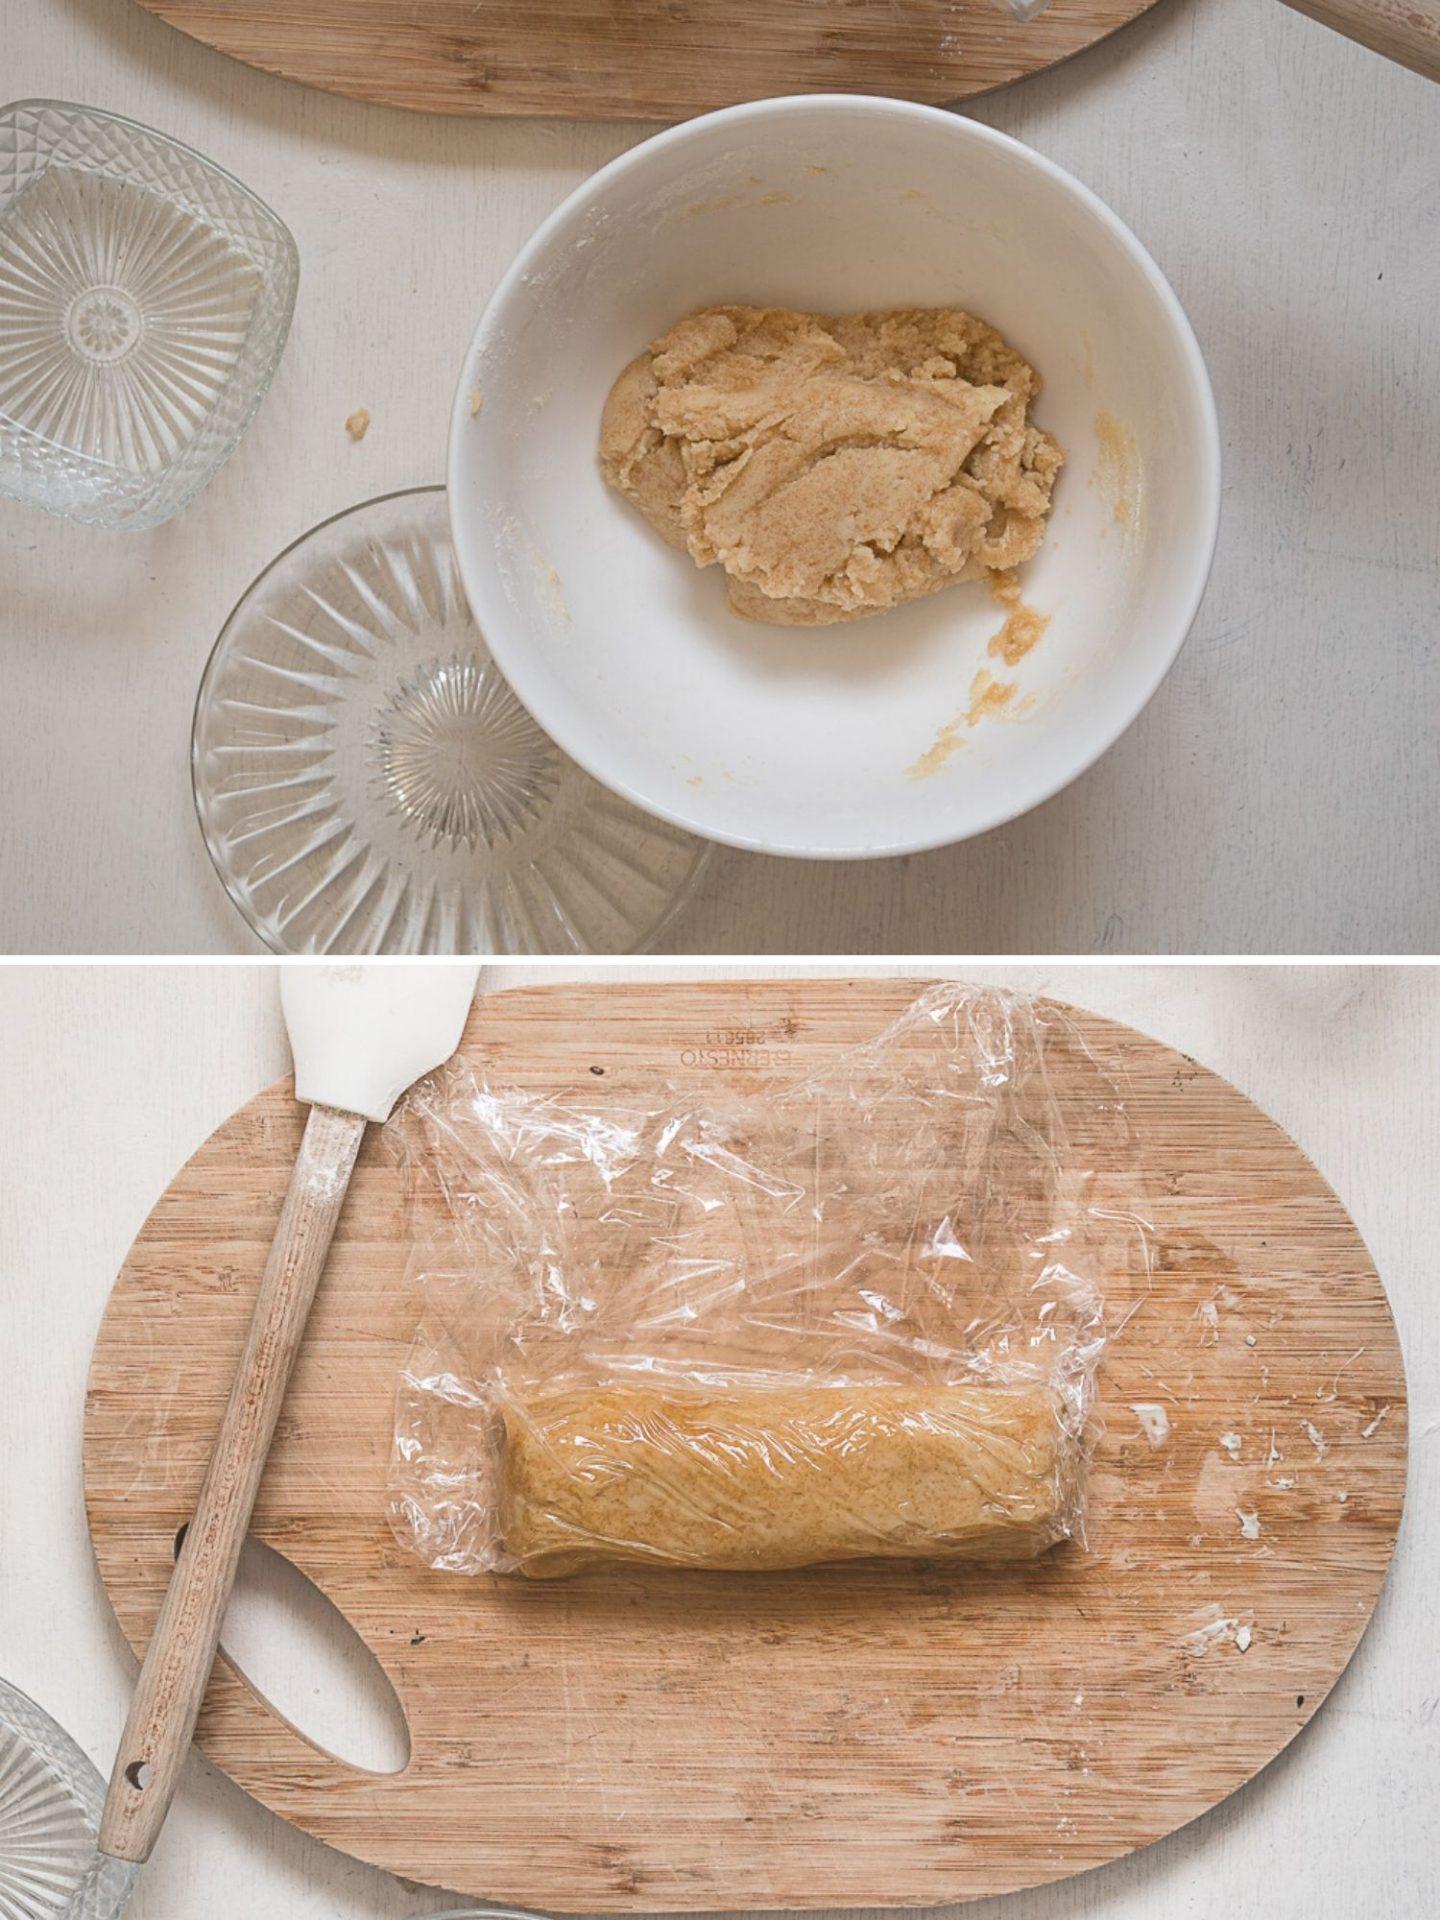 Vegan koekjesdeeg in een witte kom. En een rol met deeg in folie.